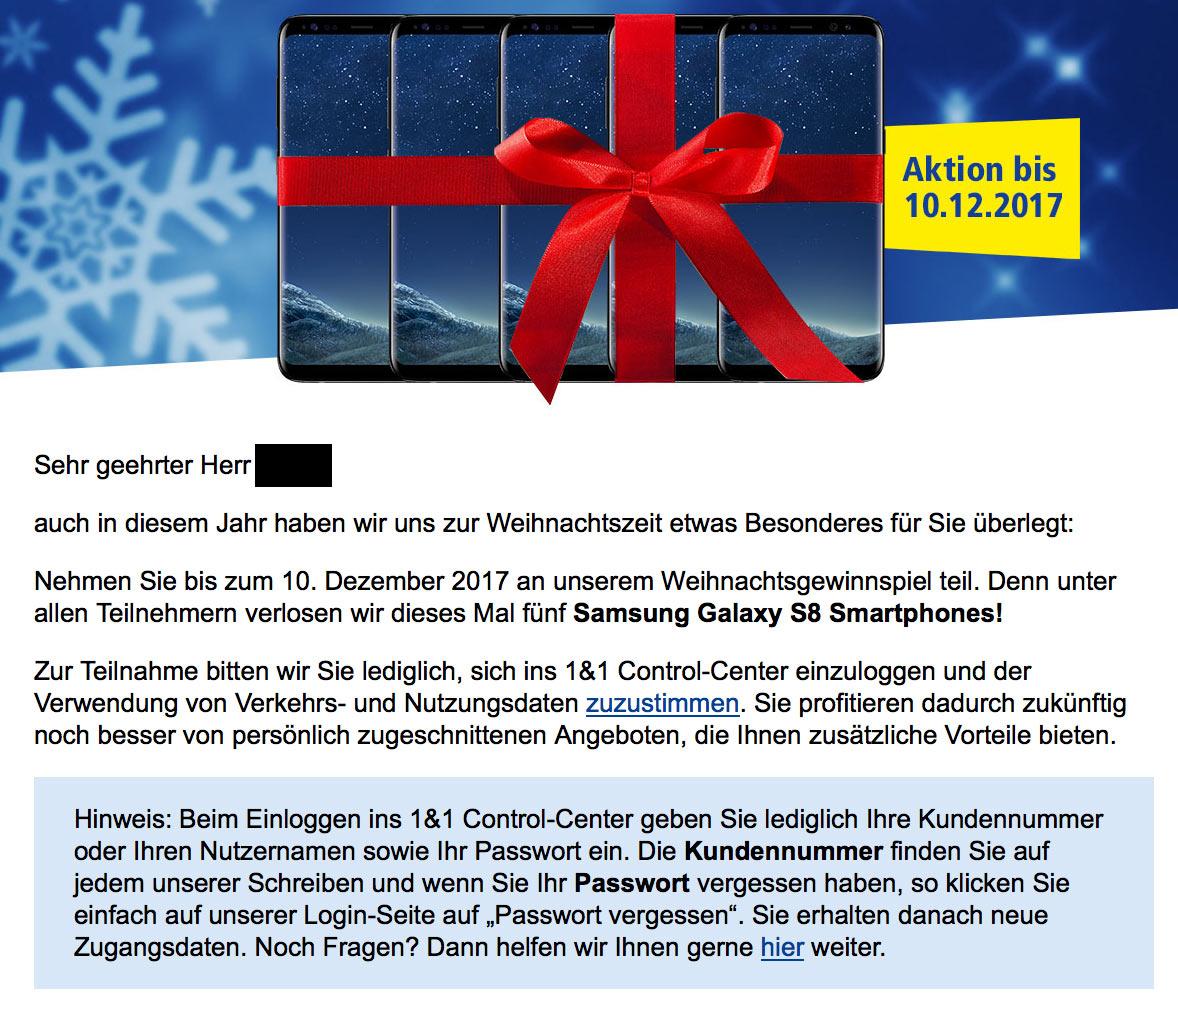 Kostenlose Gewinnspiele: Gewinne im Wert von 57.000 € myStipendium